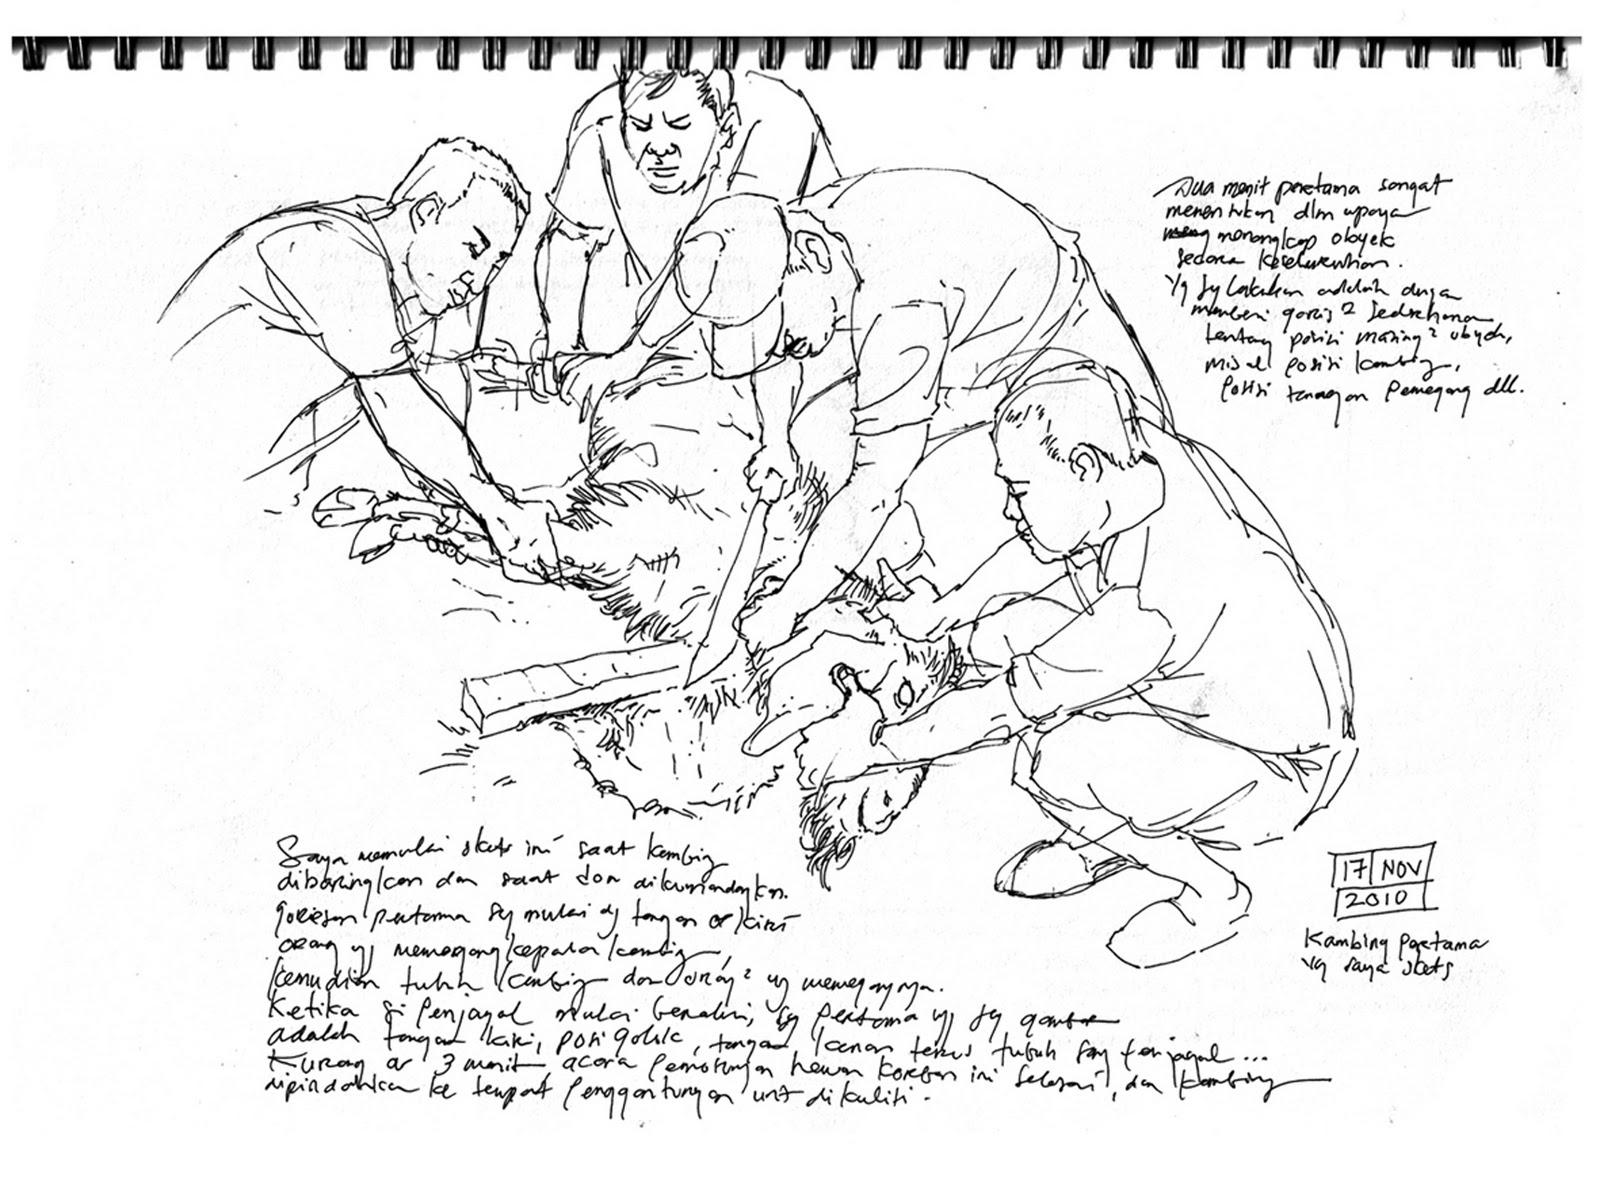 Bloody Sketching Urban Sketchers